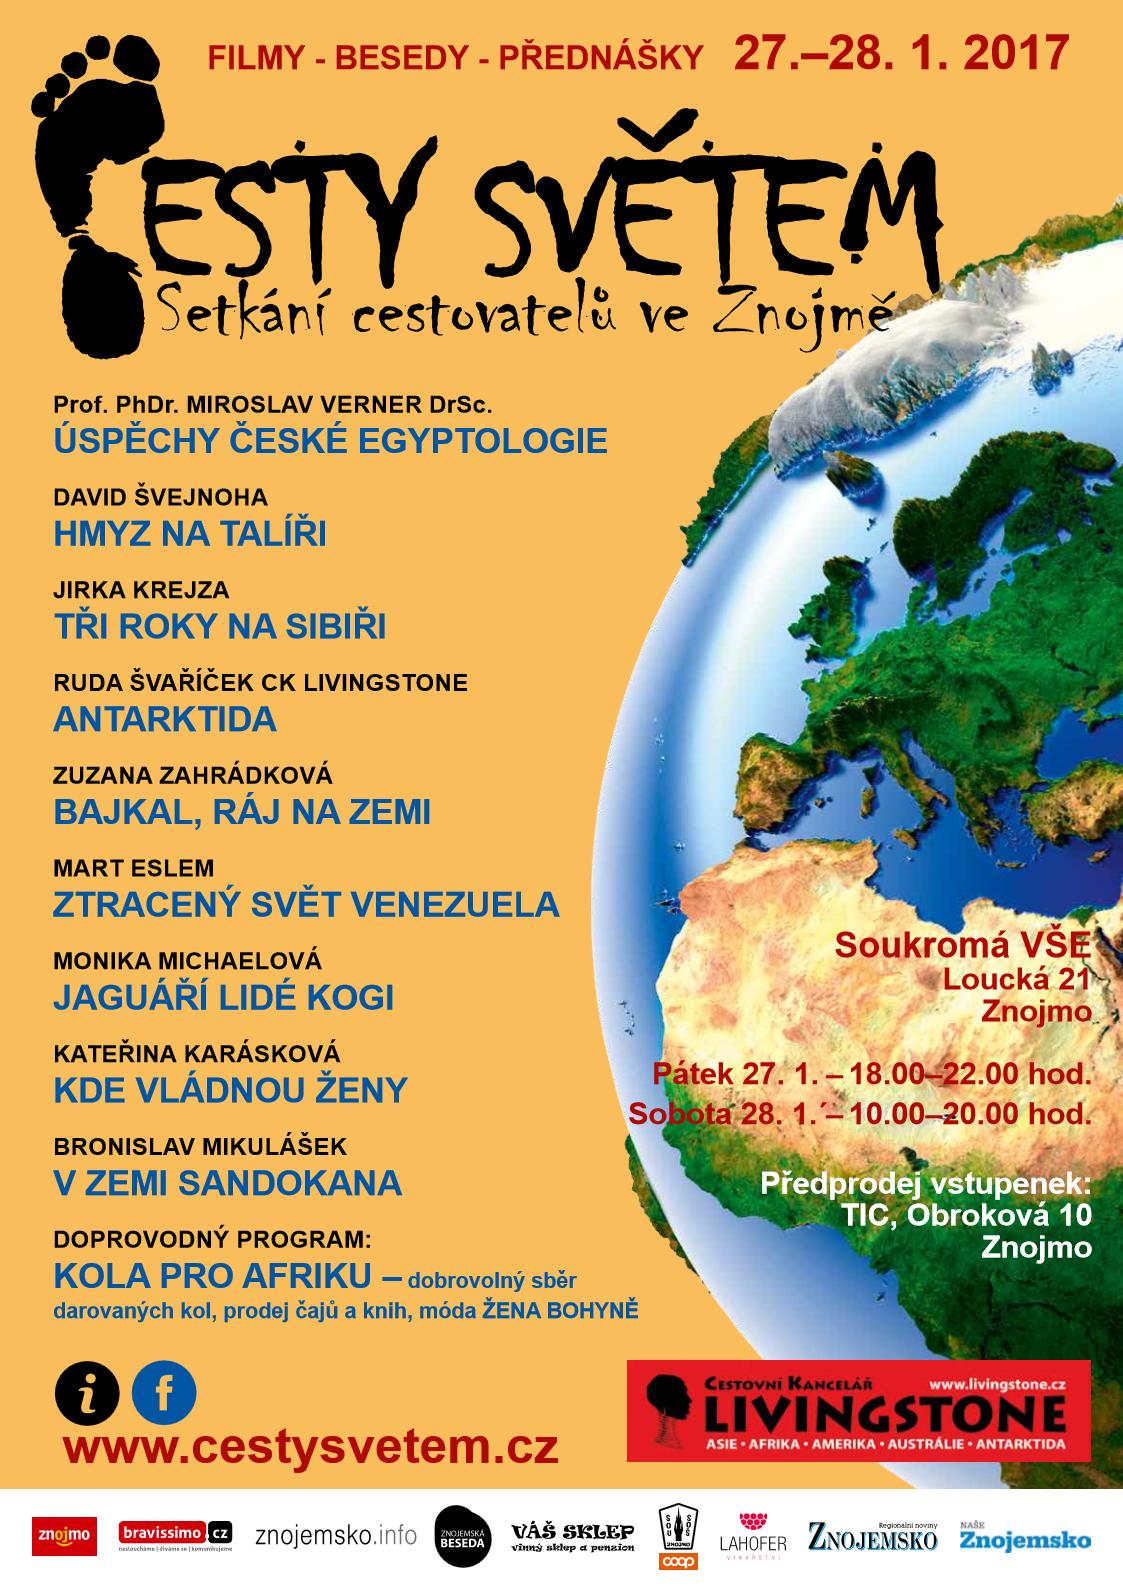 Plakát CESTY SVĚTEM 2017 JPG